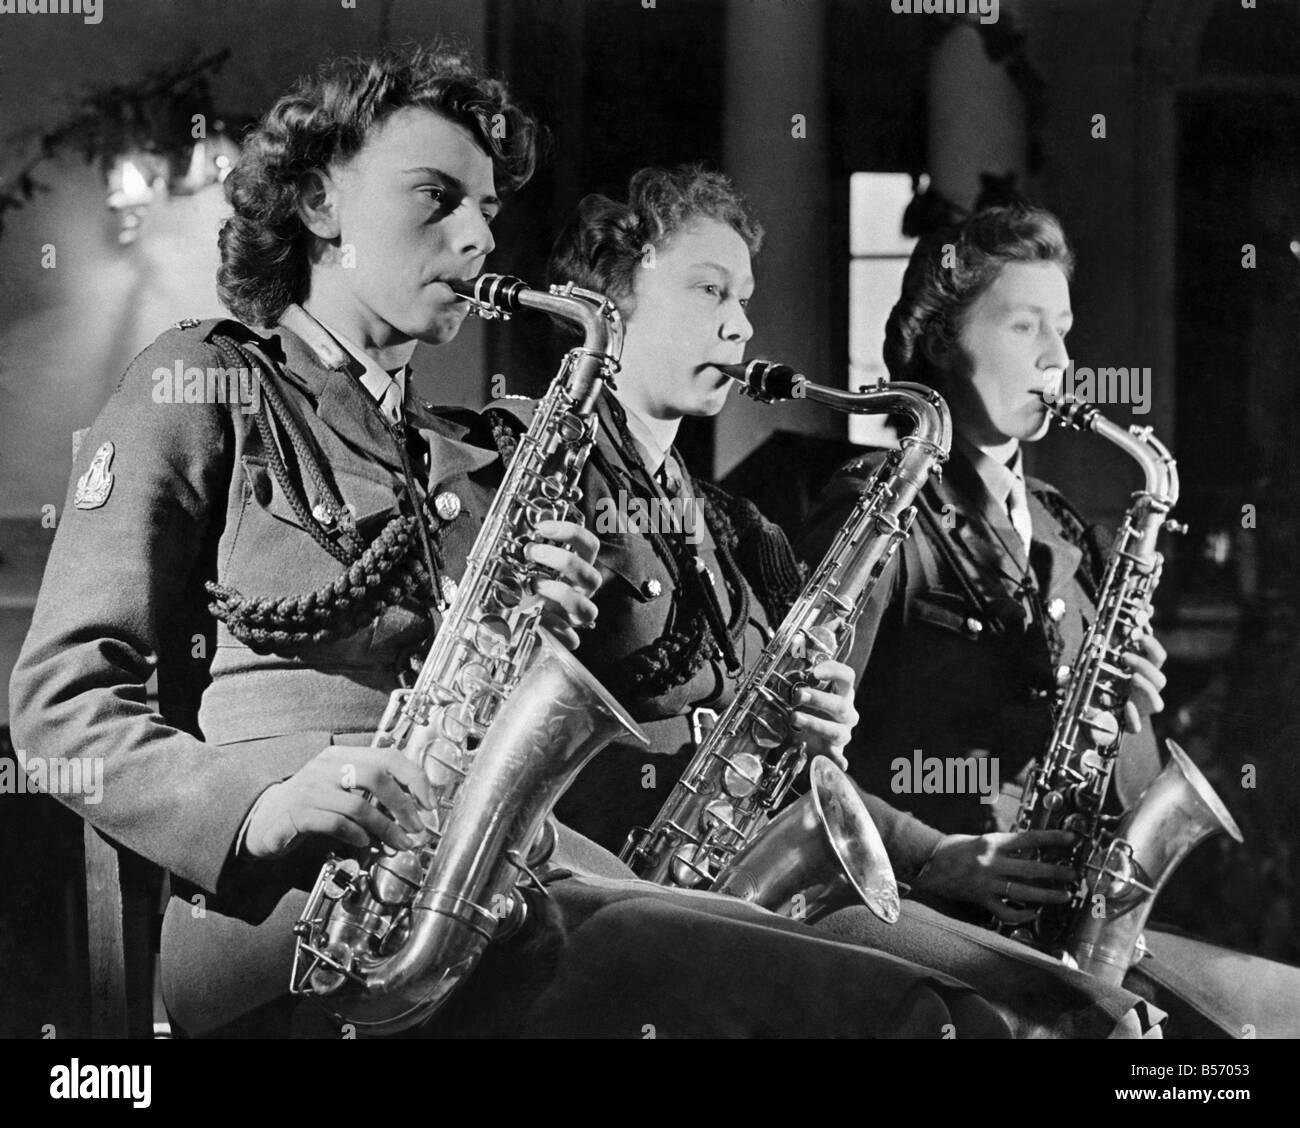 La Seconde Guerre mondiale, des femmes. Trois fois le Sax. Trois Sax de joueurs de l'orchestre de danse ATS Photo Stock